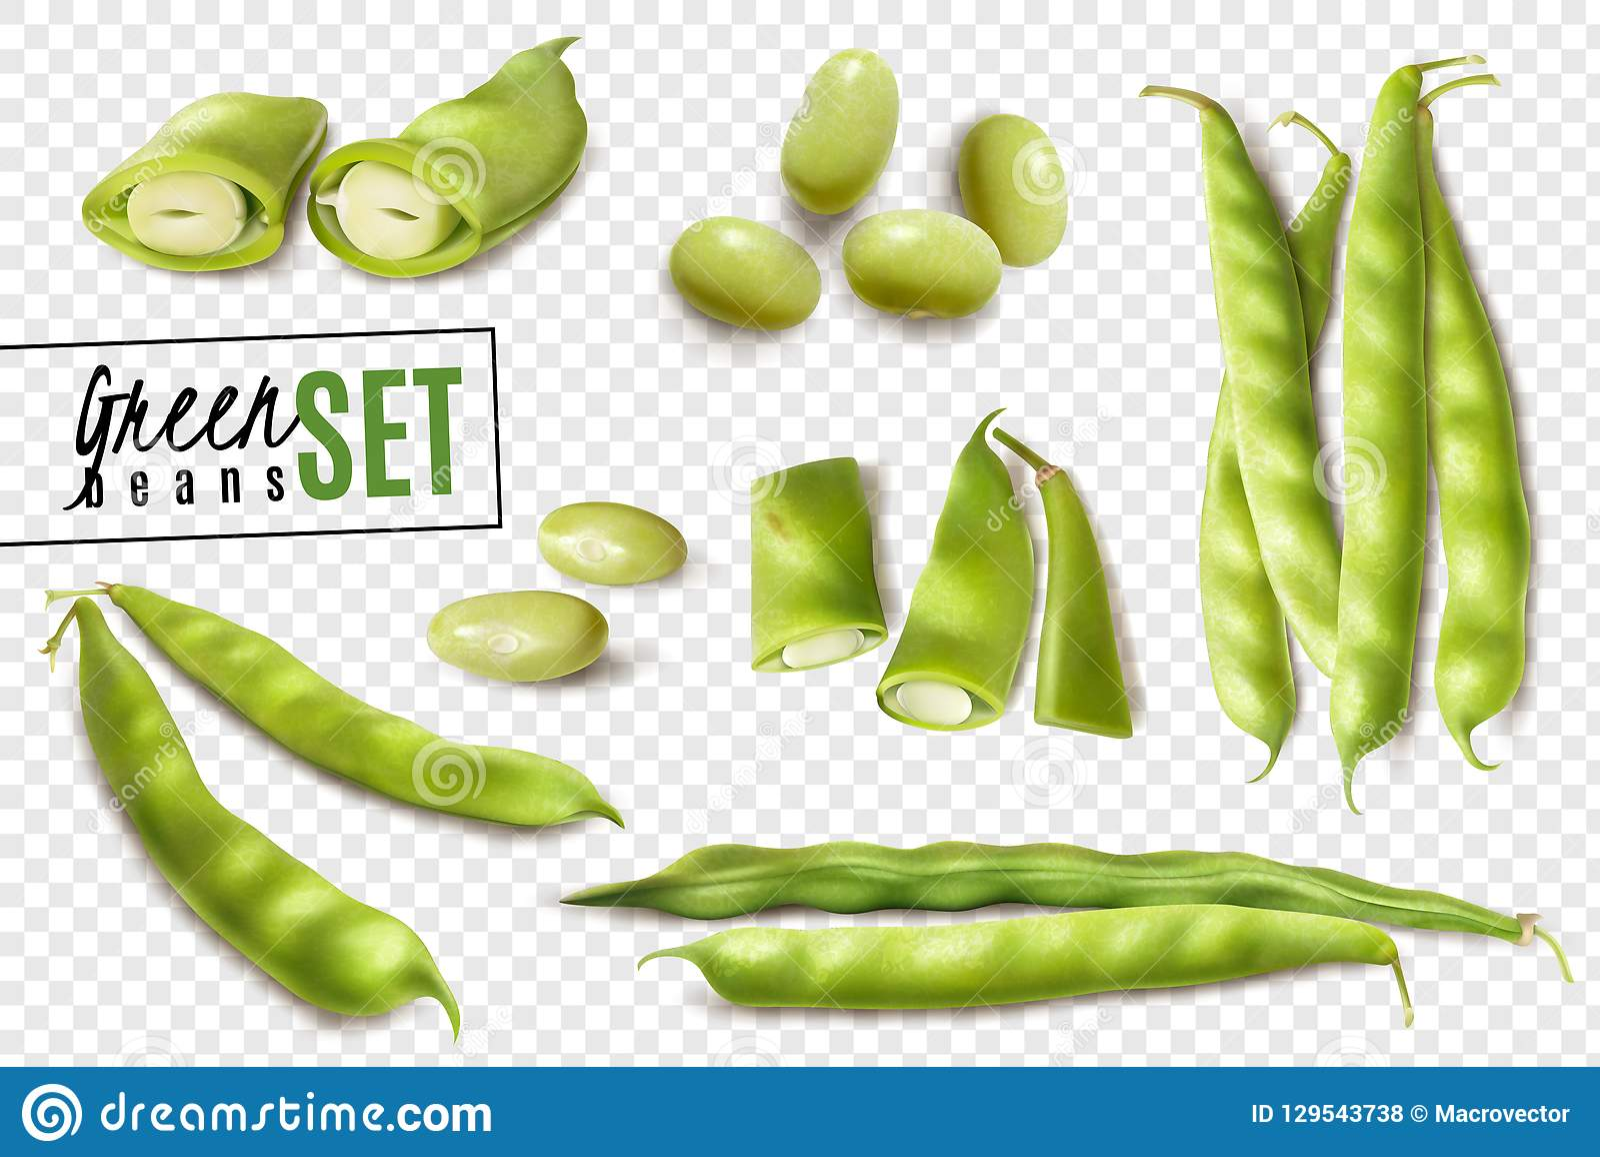 绿豆现实透明集合